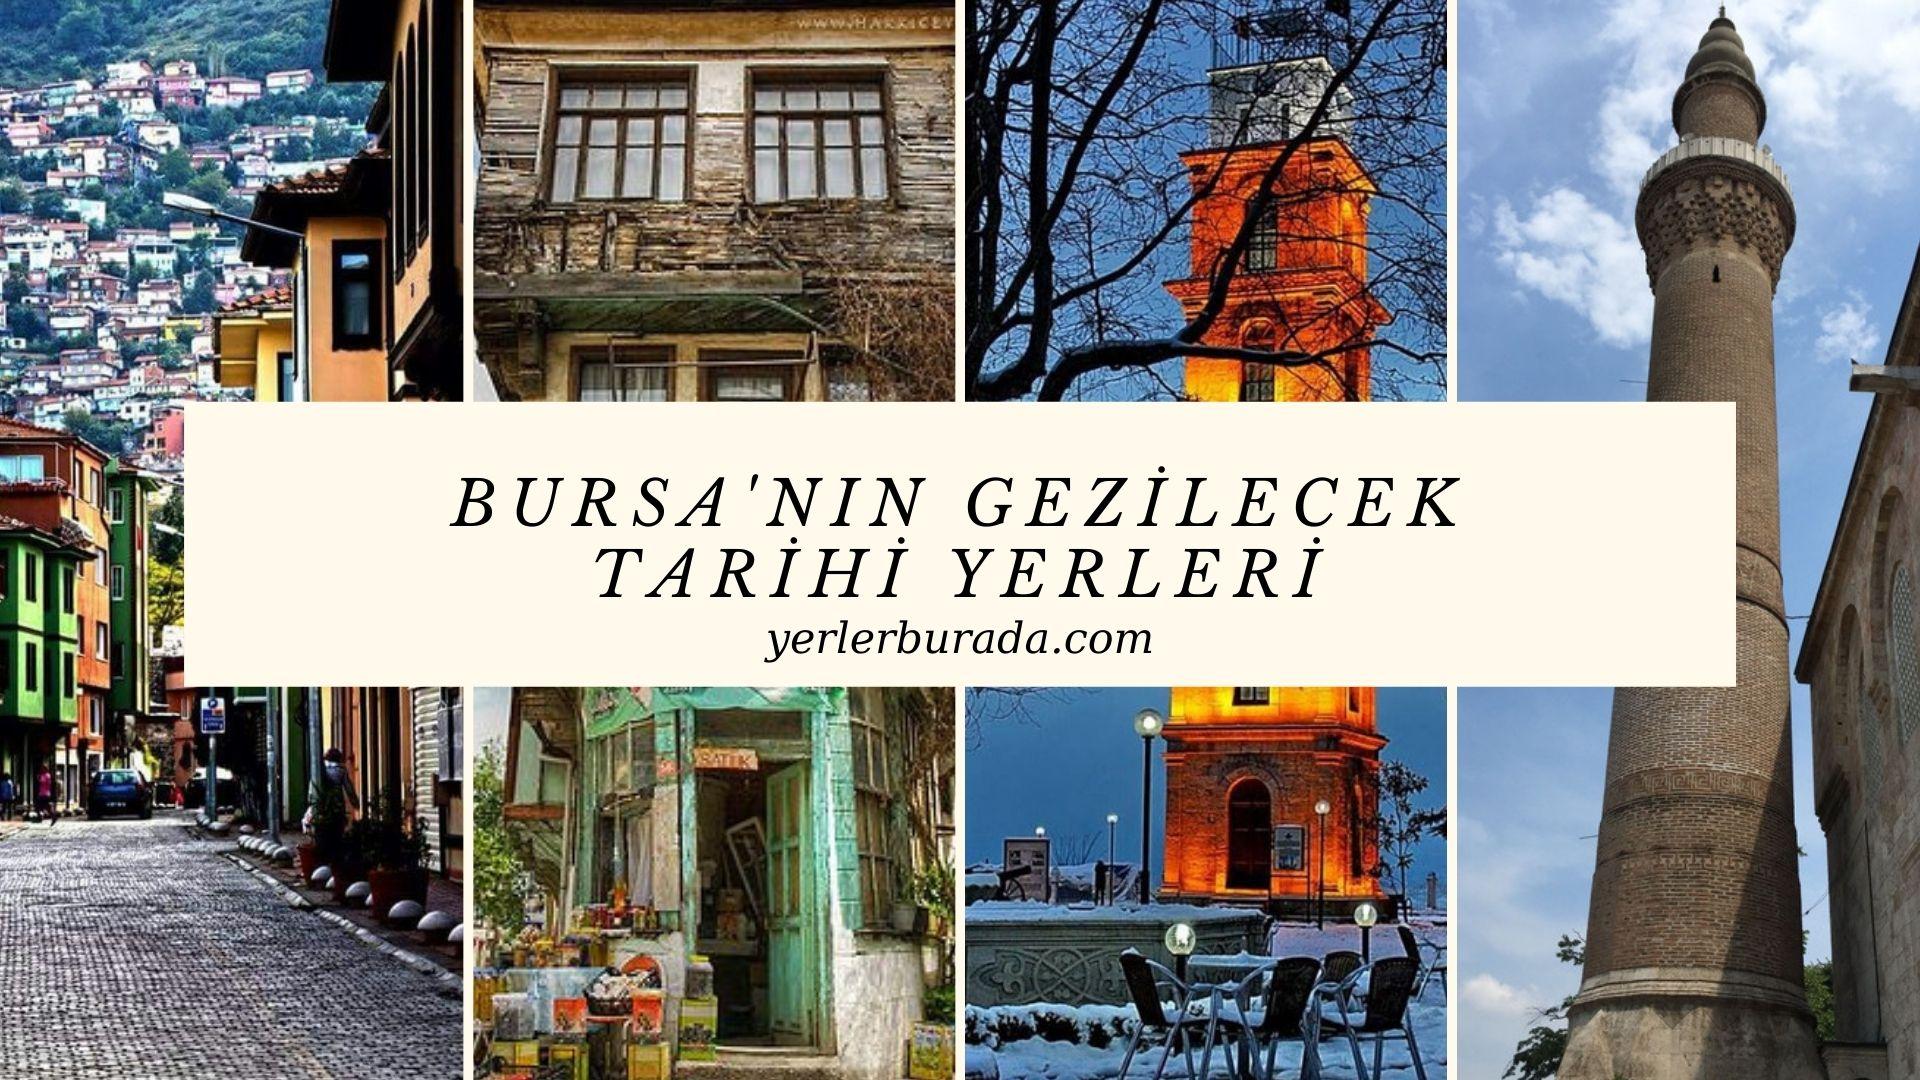 bursa'nın gezilecek tarihi yerleri